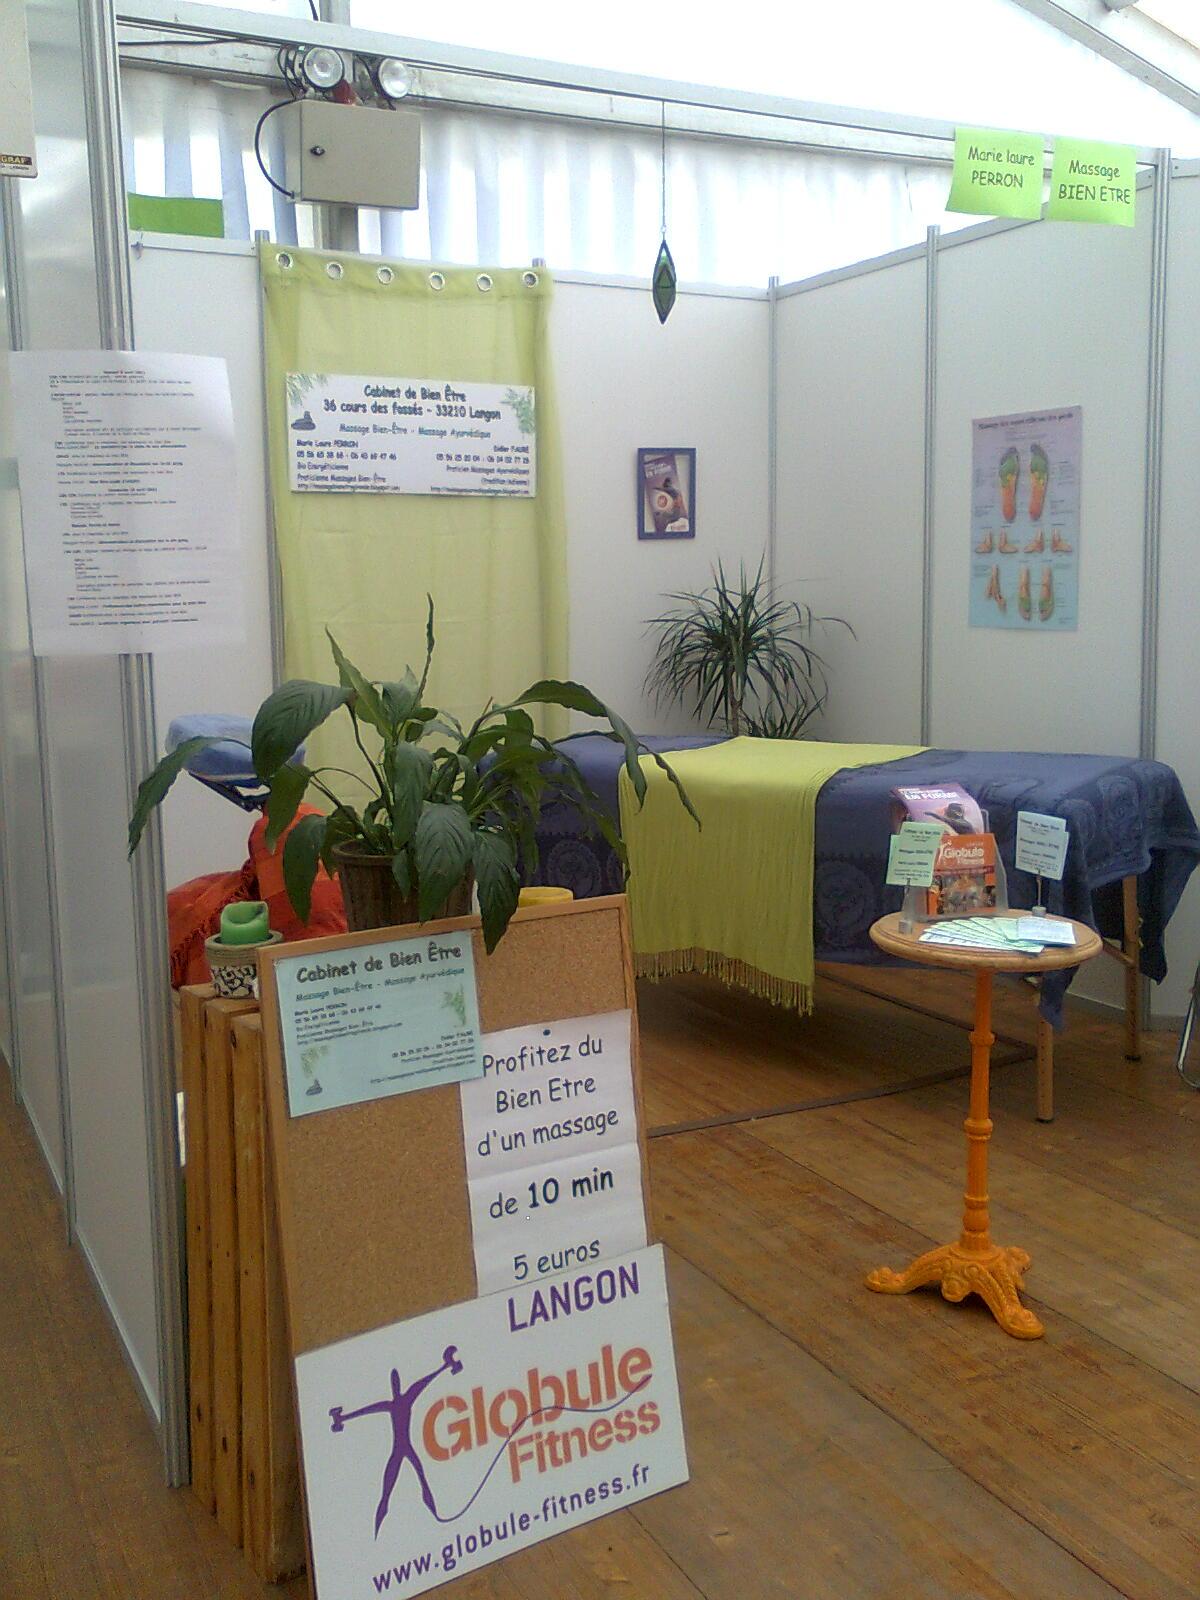 Marie Laure PERRON praticienne MassageBientre 42 cours des fosss 33210 LANGON 06 43 69 47 46